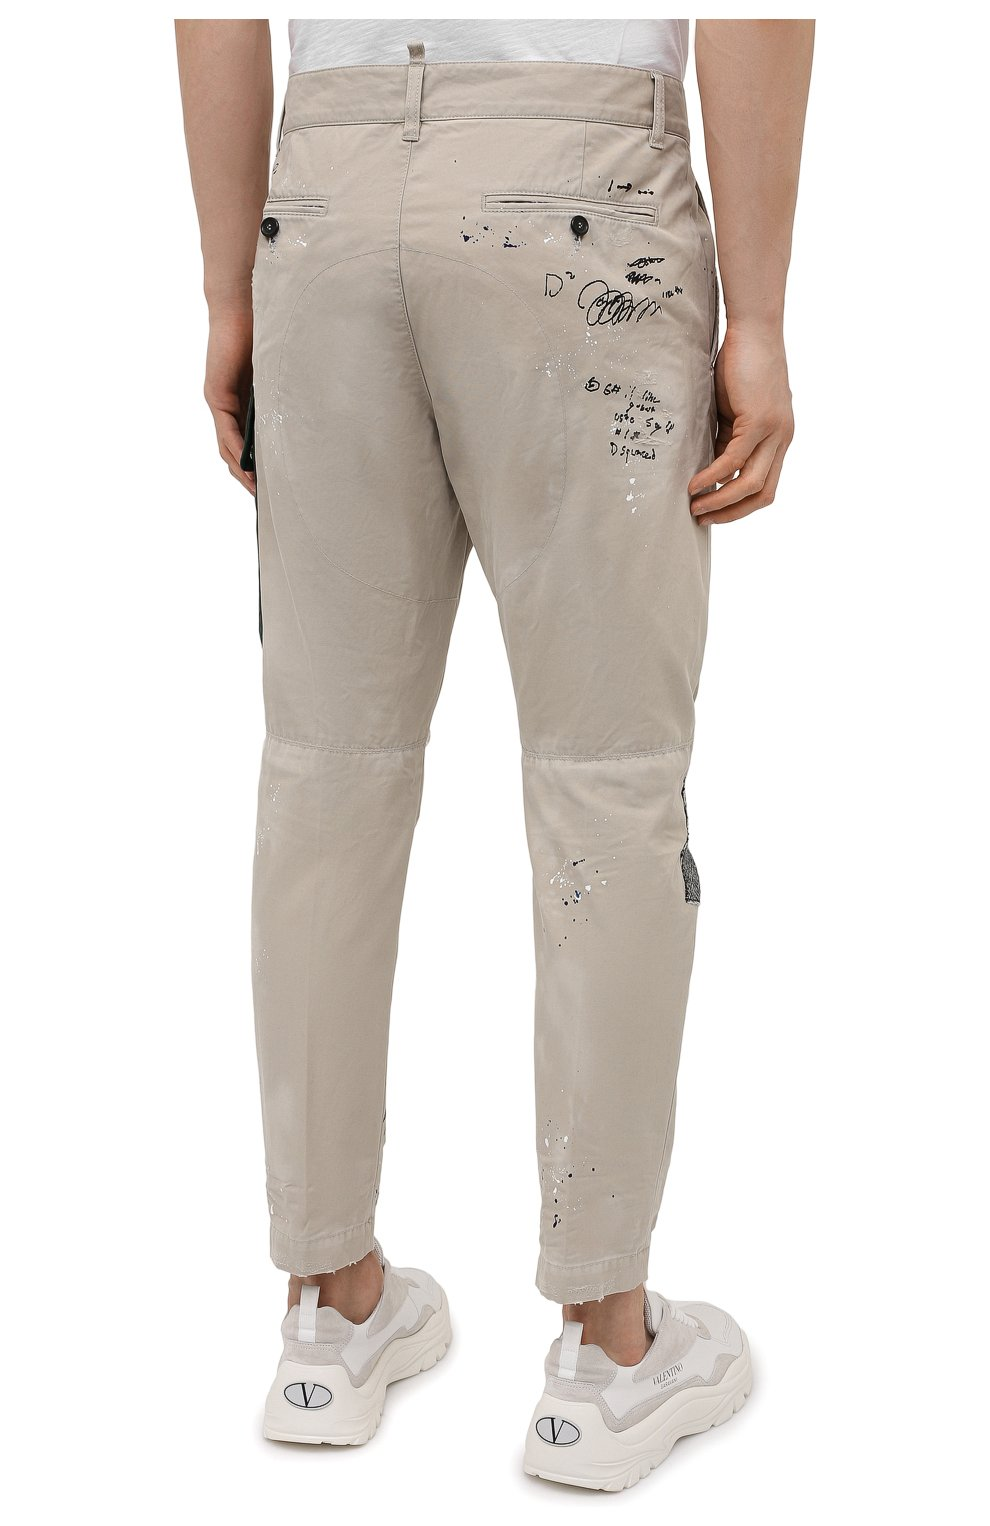 Мужские хлопковые брюки DSQUARED2 бежевого цвета, арт. S74KB0577/S41794 | Фото 4 (Длина (брюки, джинсы): Стандартные; Случай: Повседневный; Стили: Гранж; Материал внешний: Хлопок)